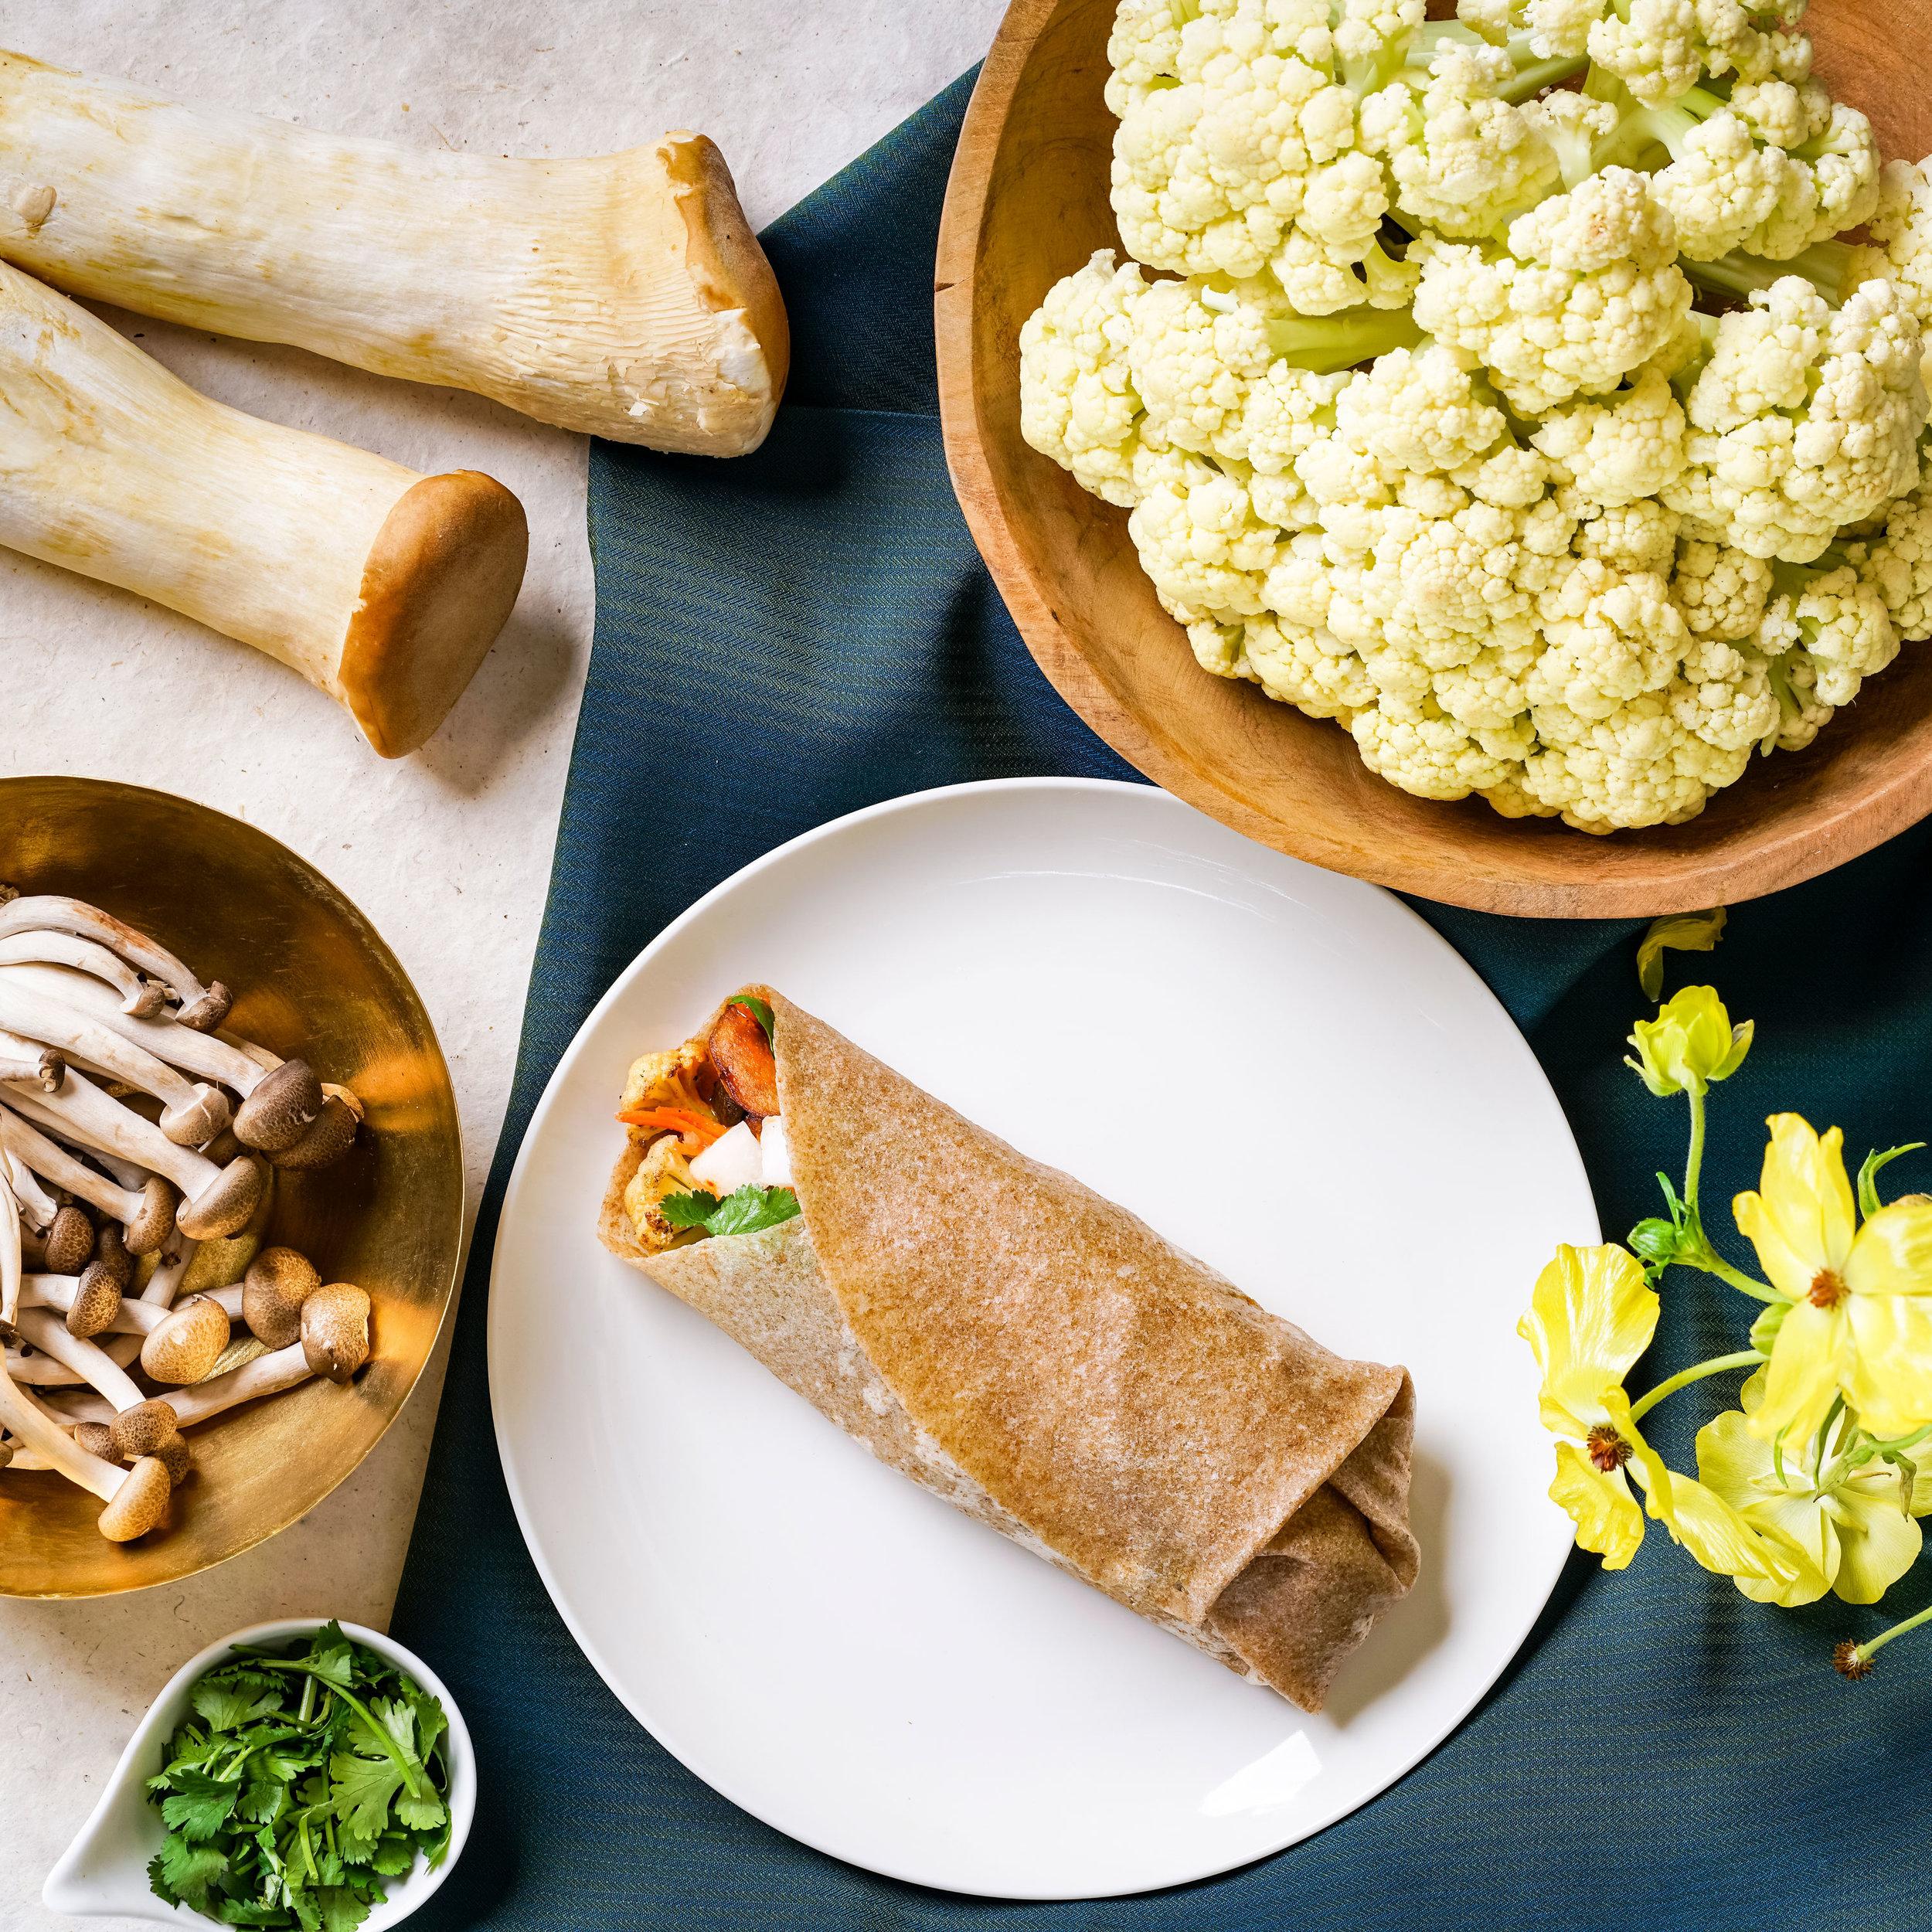 junzi_ss-2019_garlic-chili-mushroom-bing-2_s.jpg